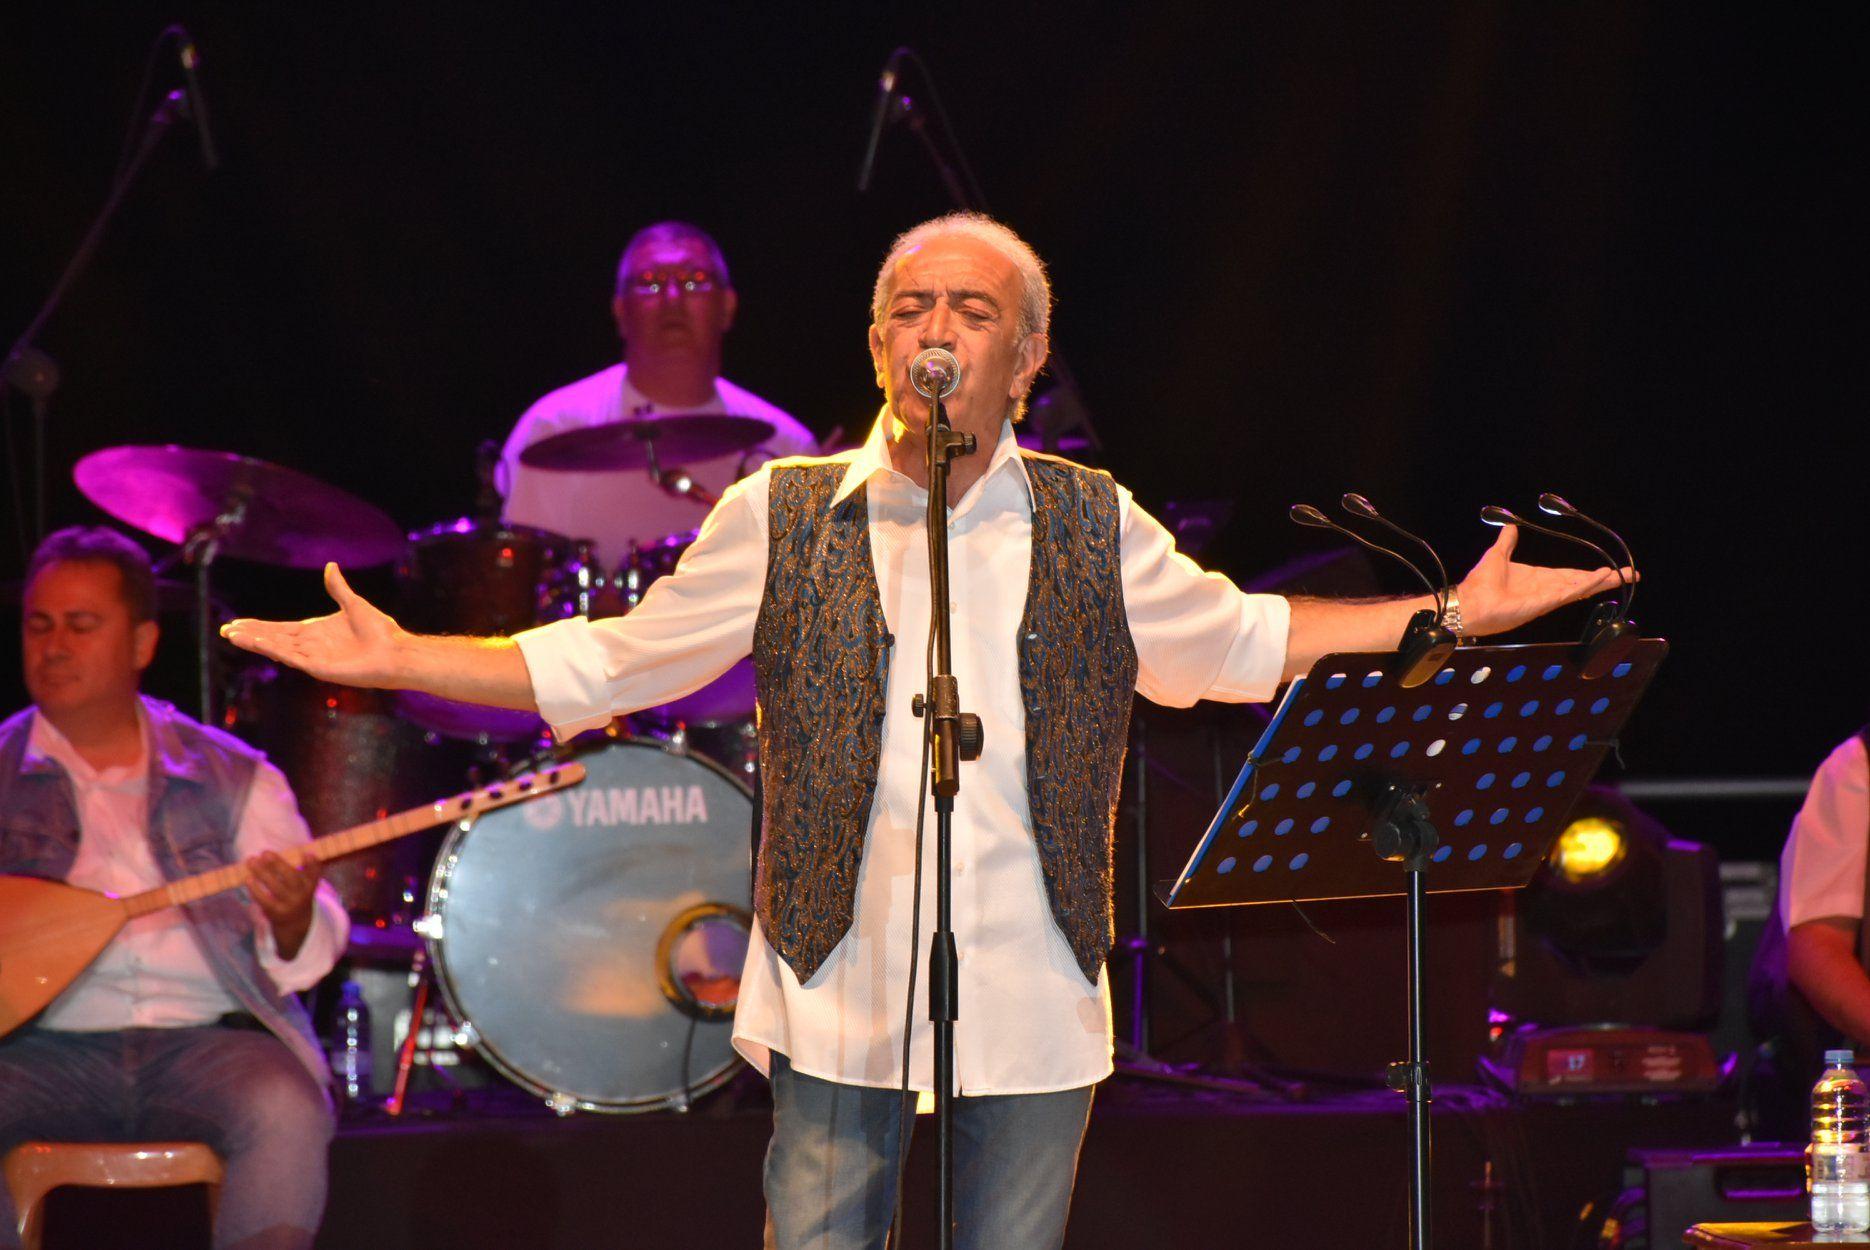 Прошел первый концерт фестиваля культуры и искусства в Кирении